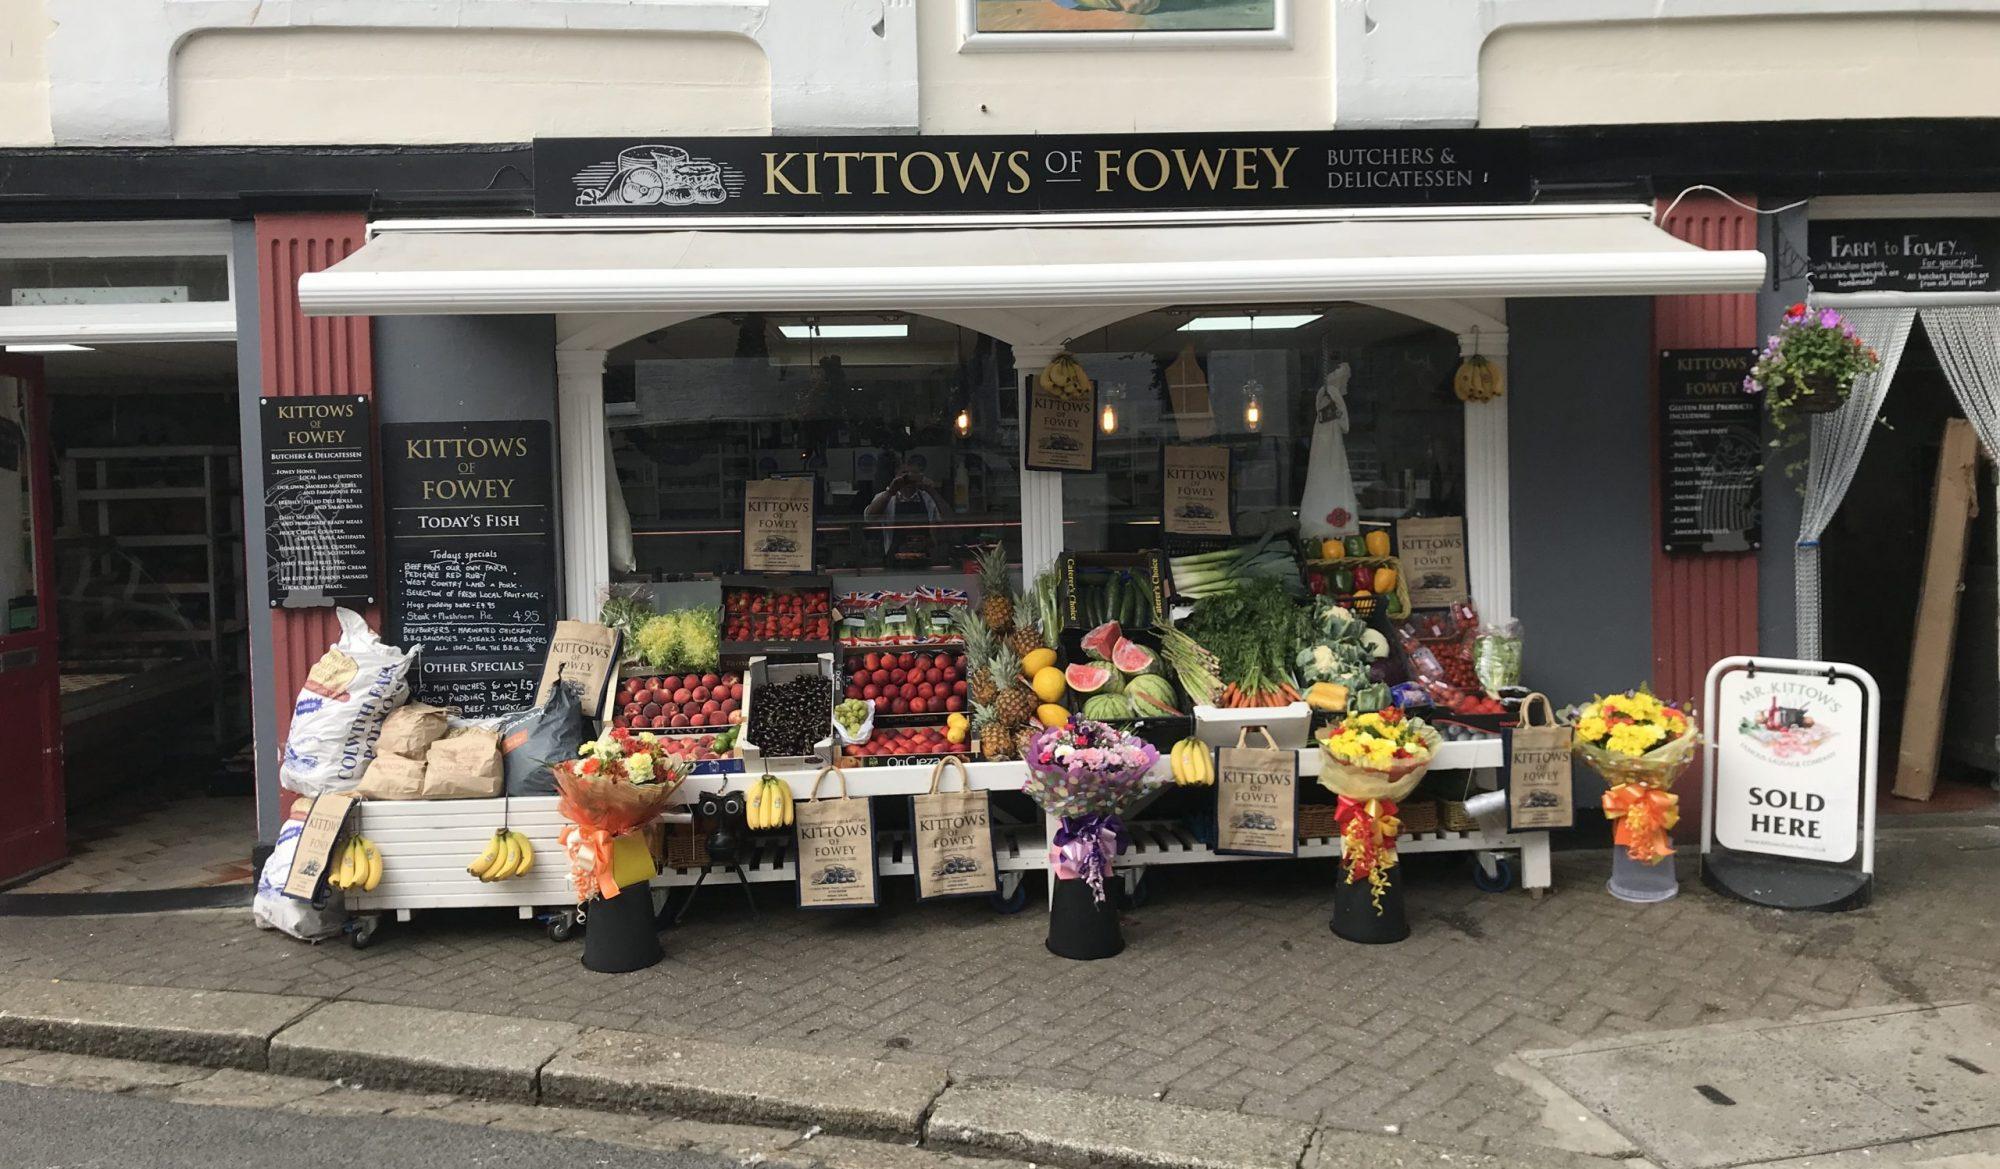 Kittows of Fowey